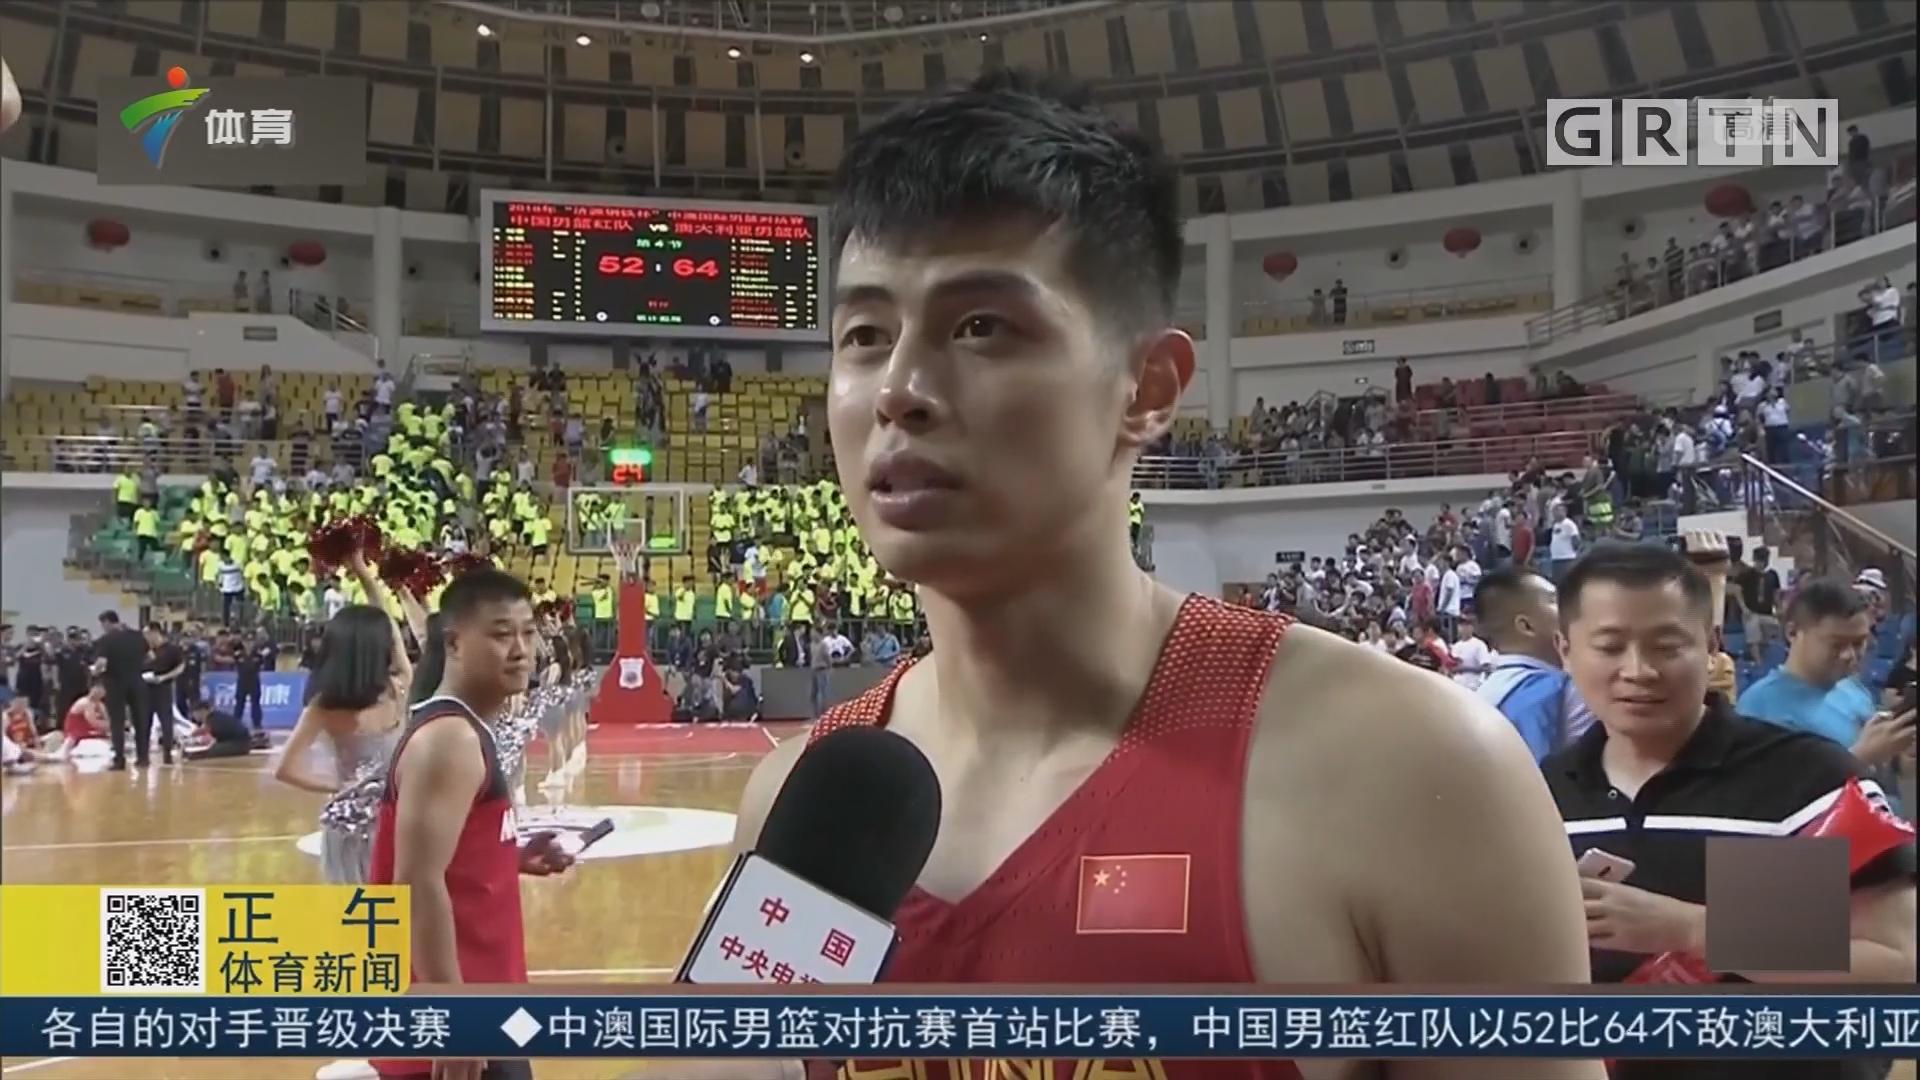 中国男篮红队末节崩负澳大利亚